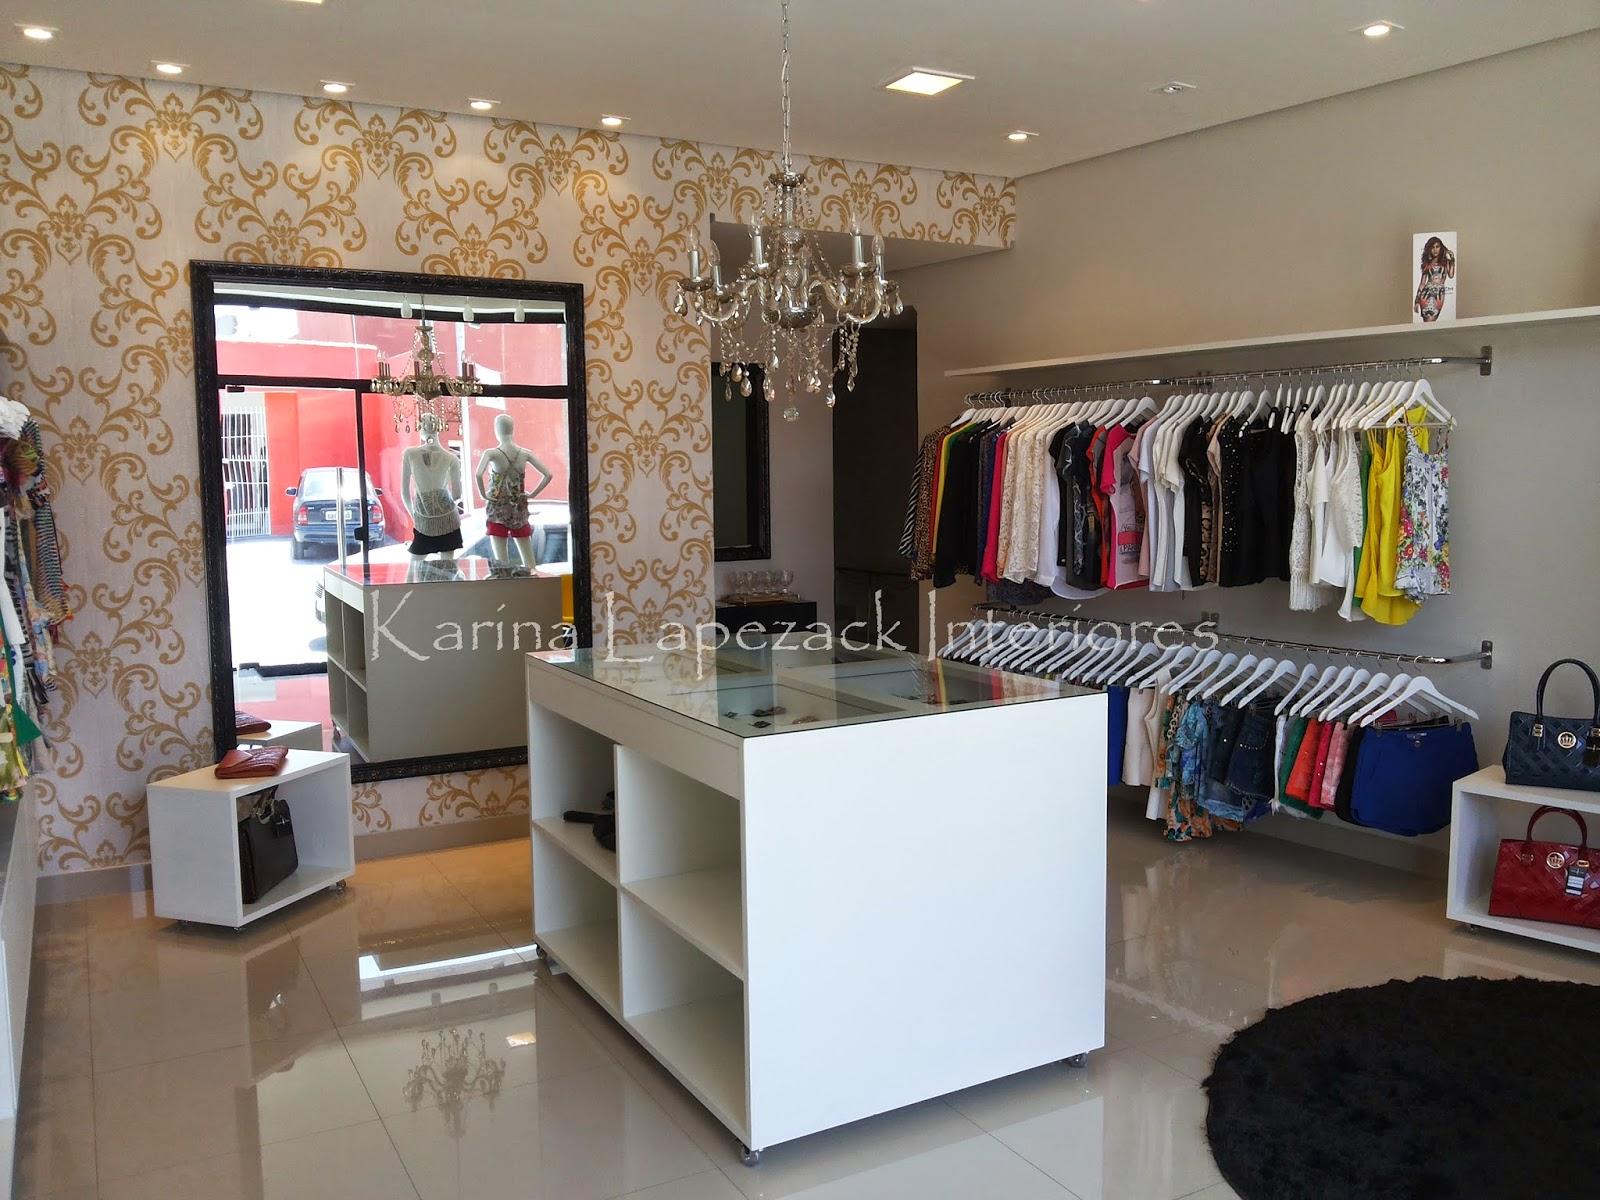 decoracao de interiores lojas: em moldura aplicado sobre um papel de parede de arabescos dourados